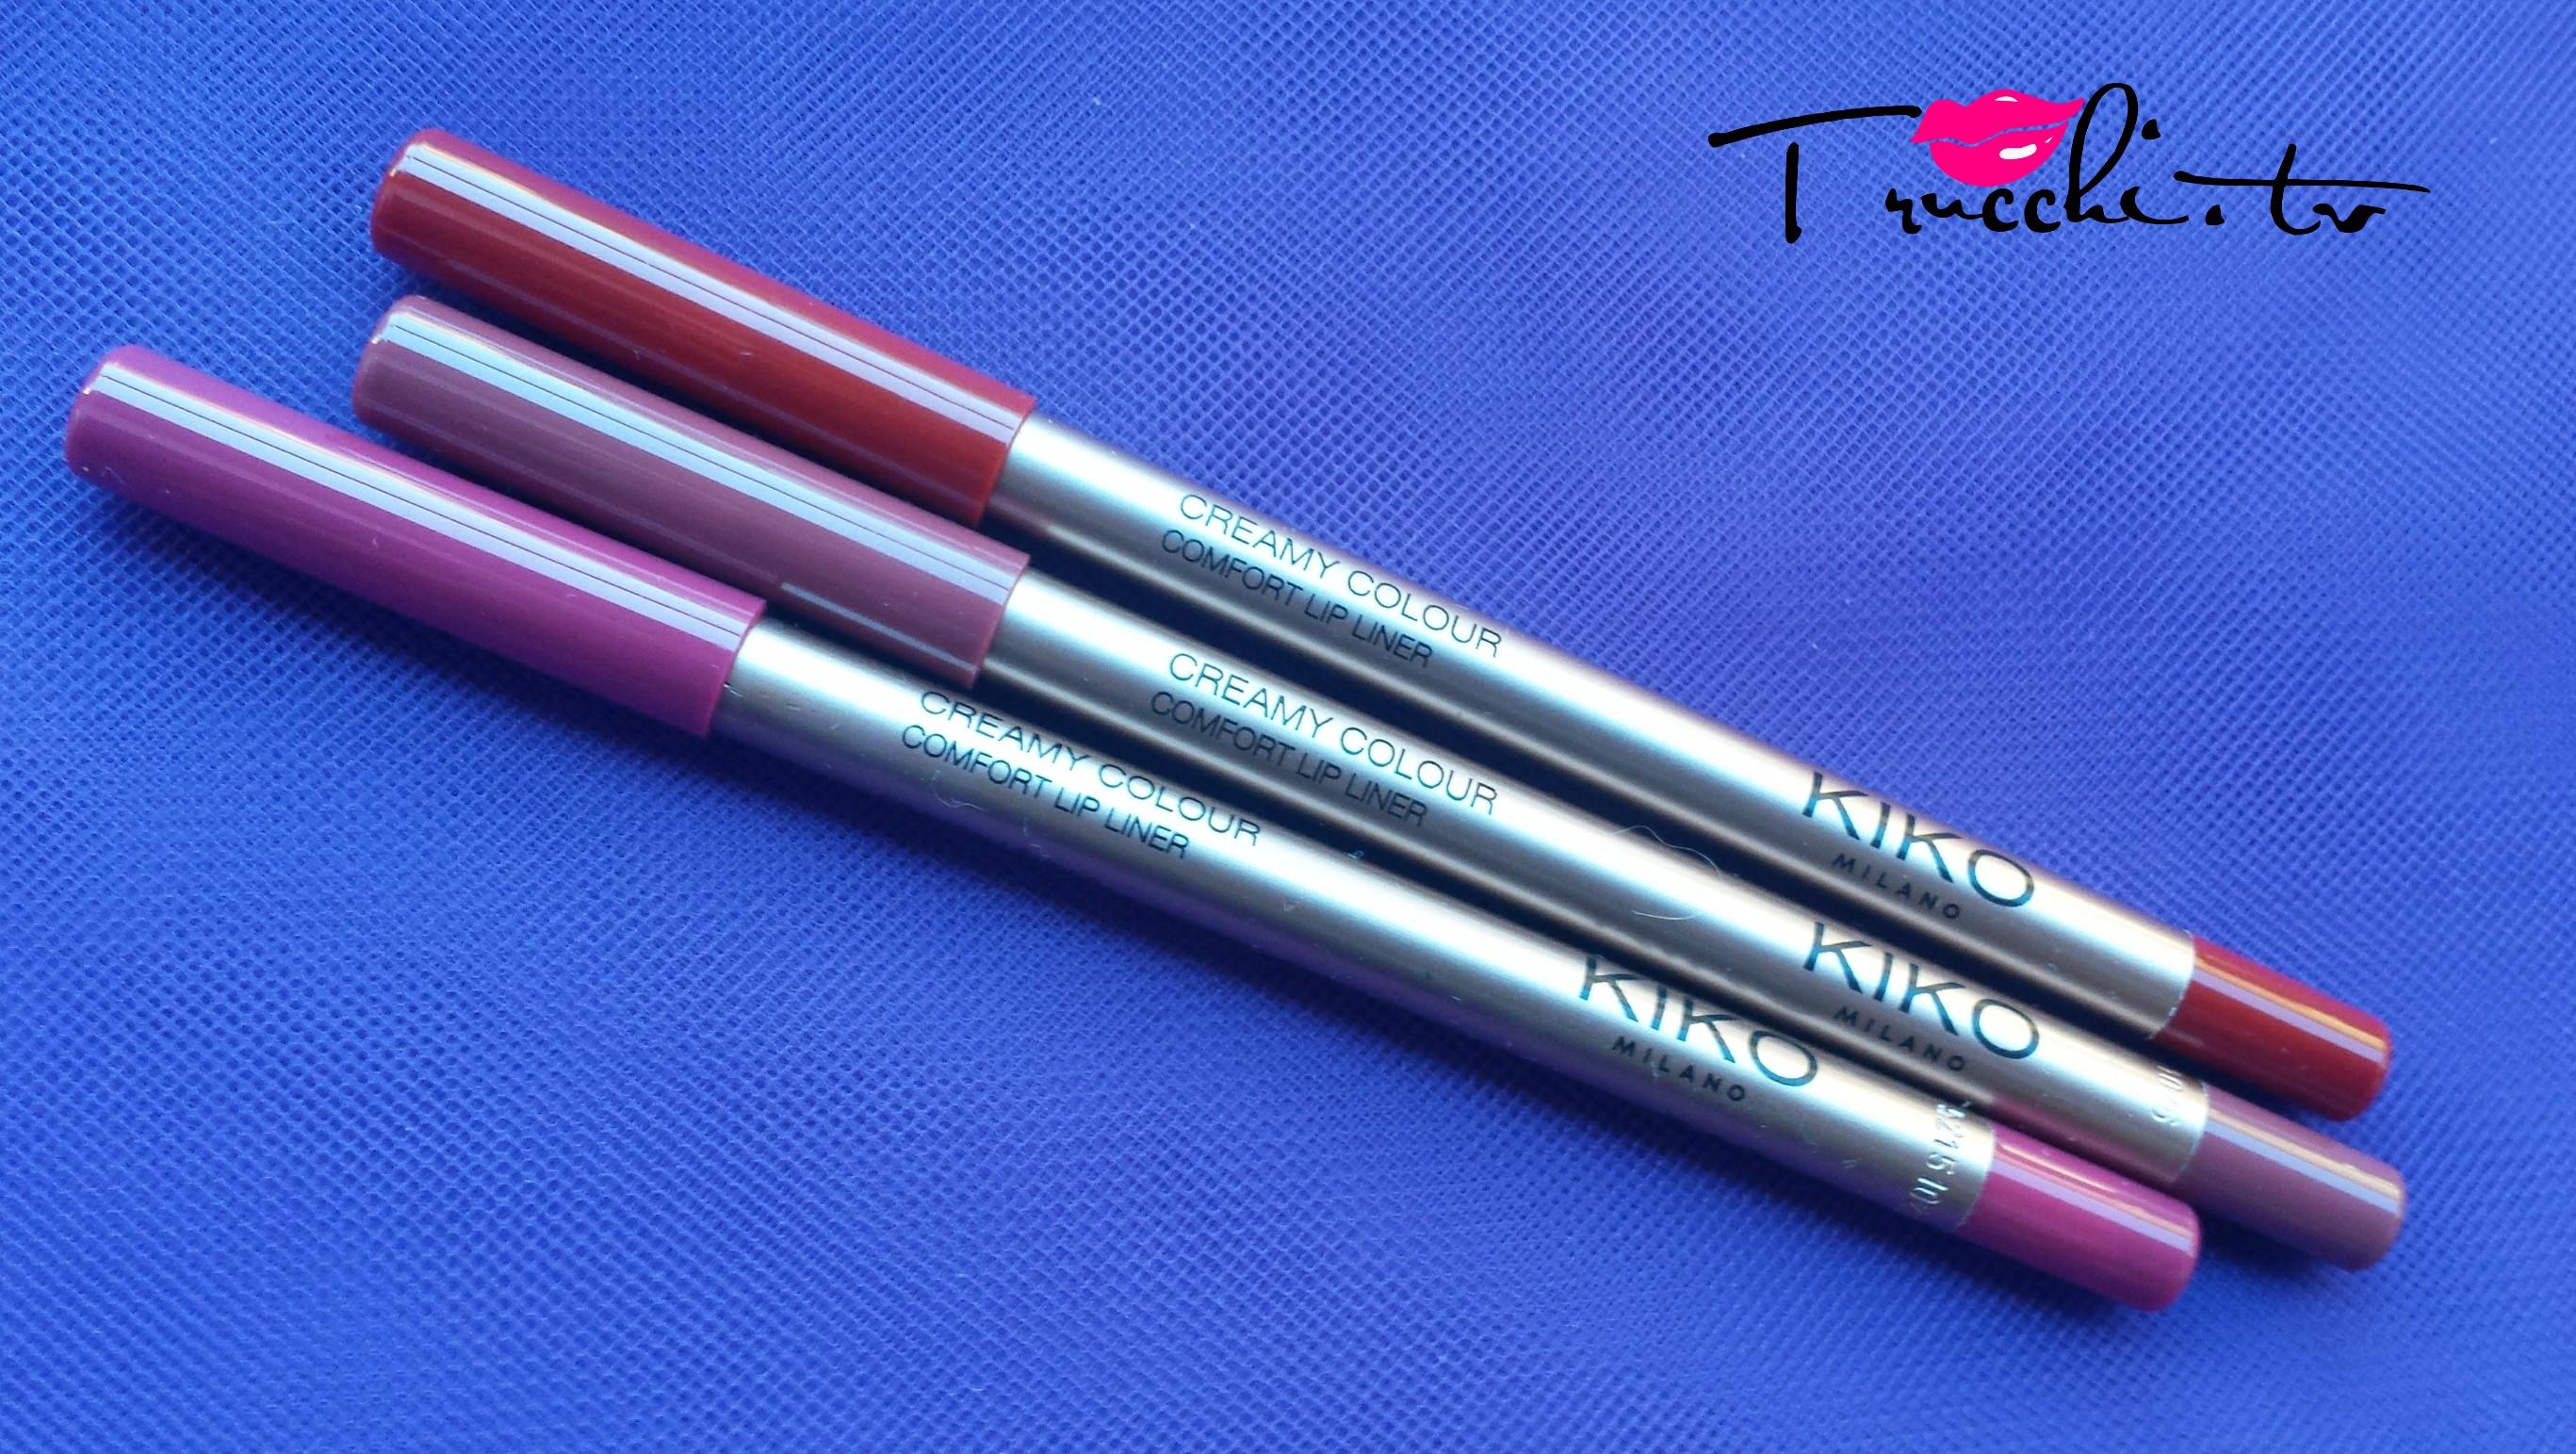 Review Matite Labbra Kiko Creamy Colour Comfort Lip Liner